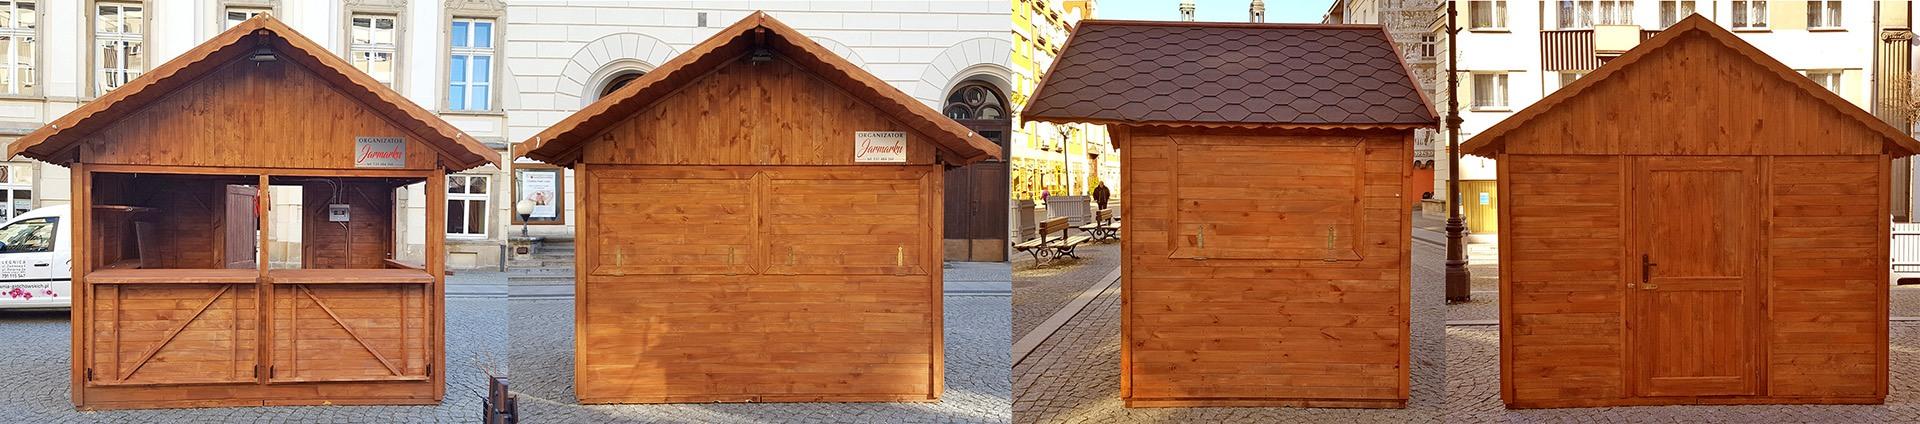 domki drewniane, stragany